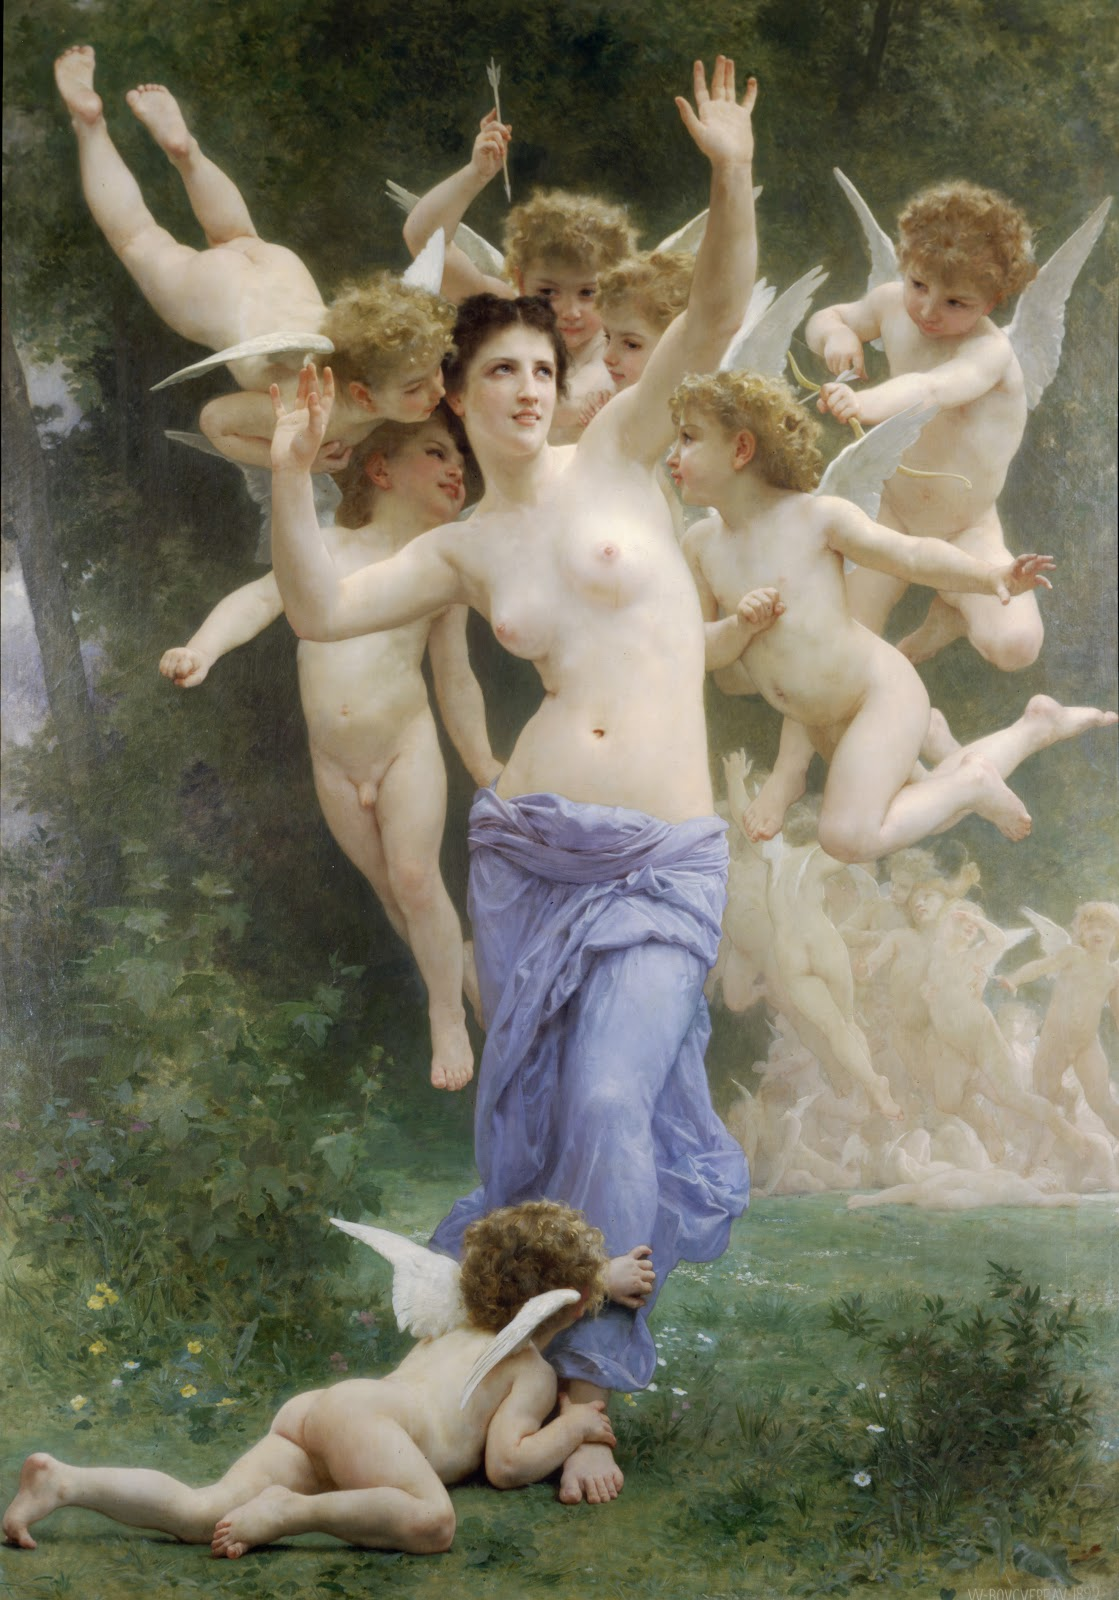 Le Guepier. 1892. Óleo sobre tela - 213 x 152.5 cm